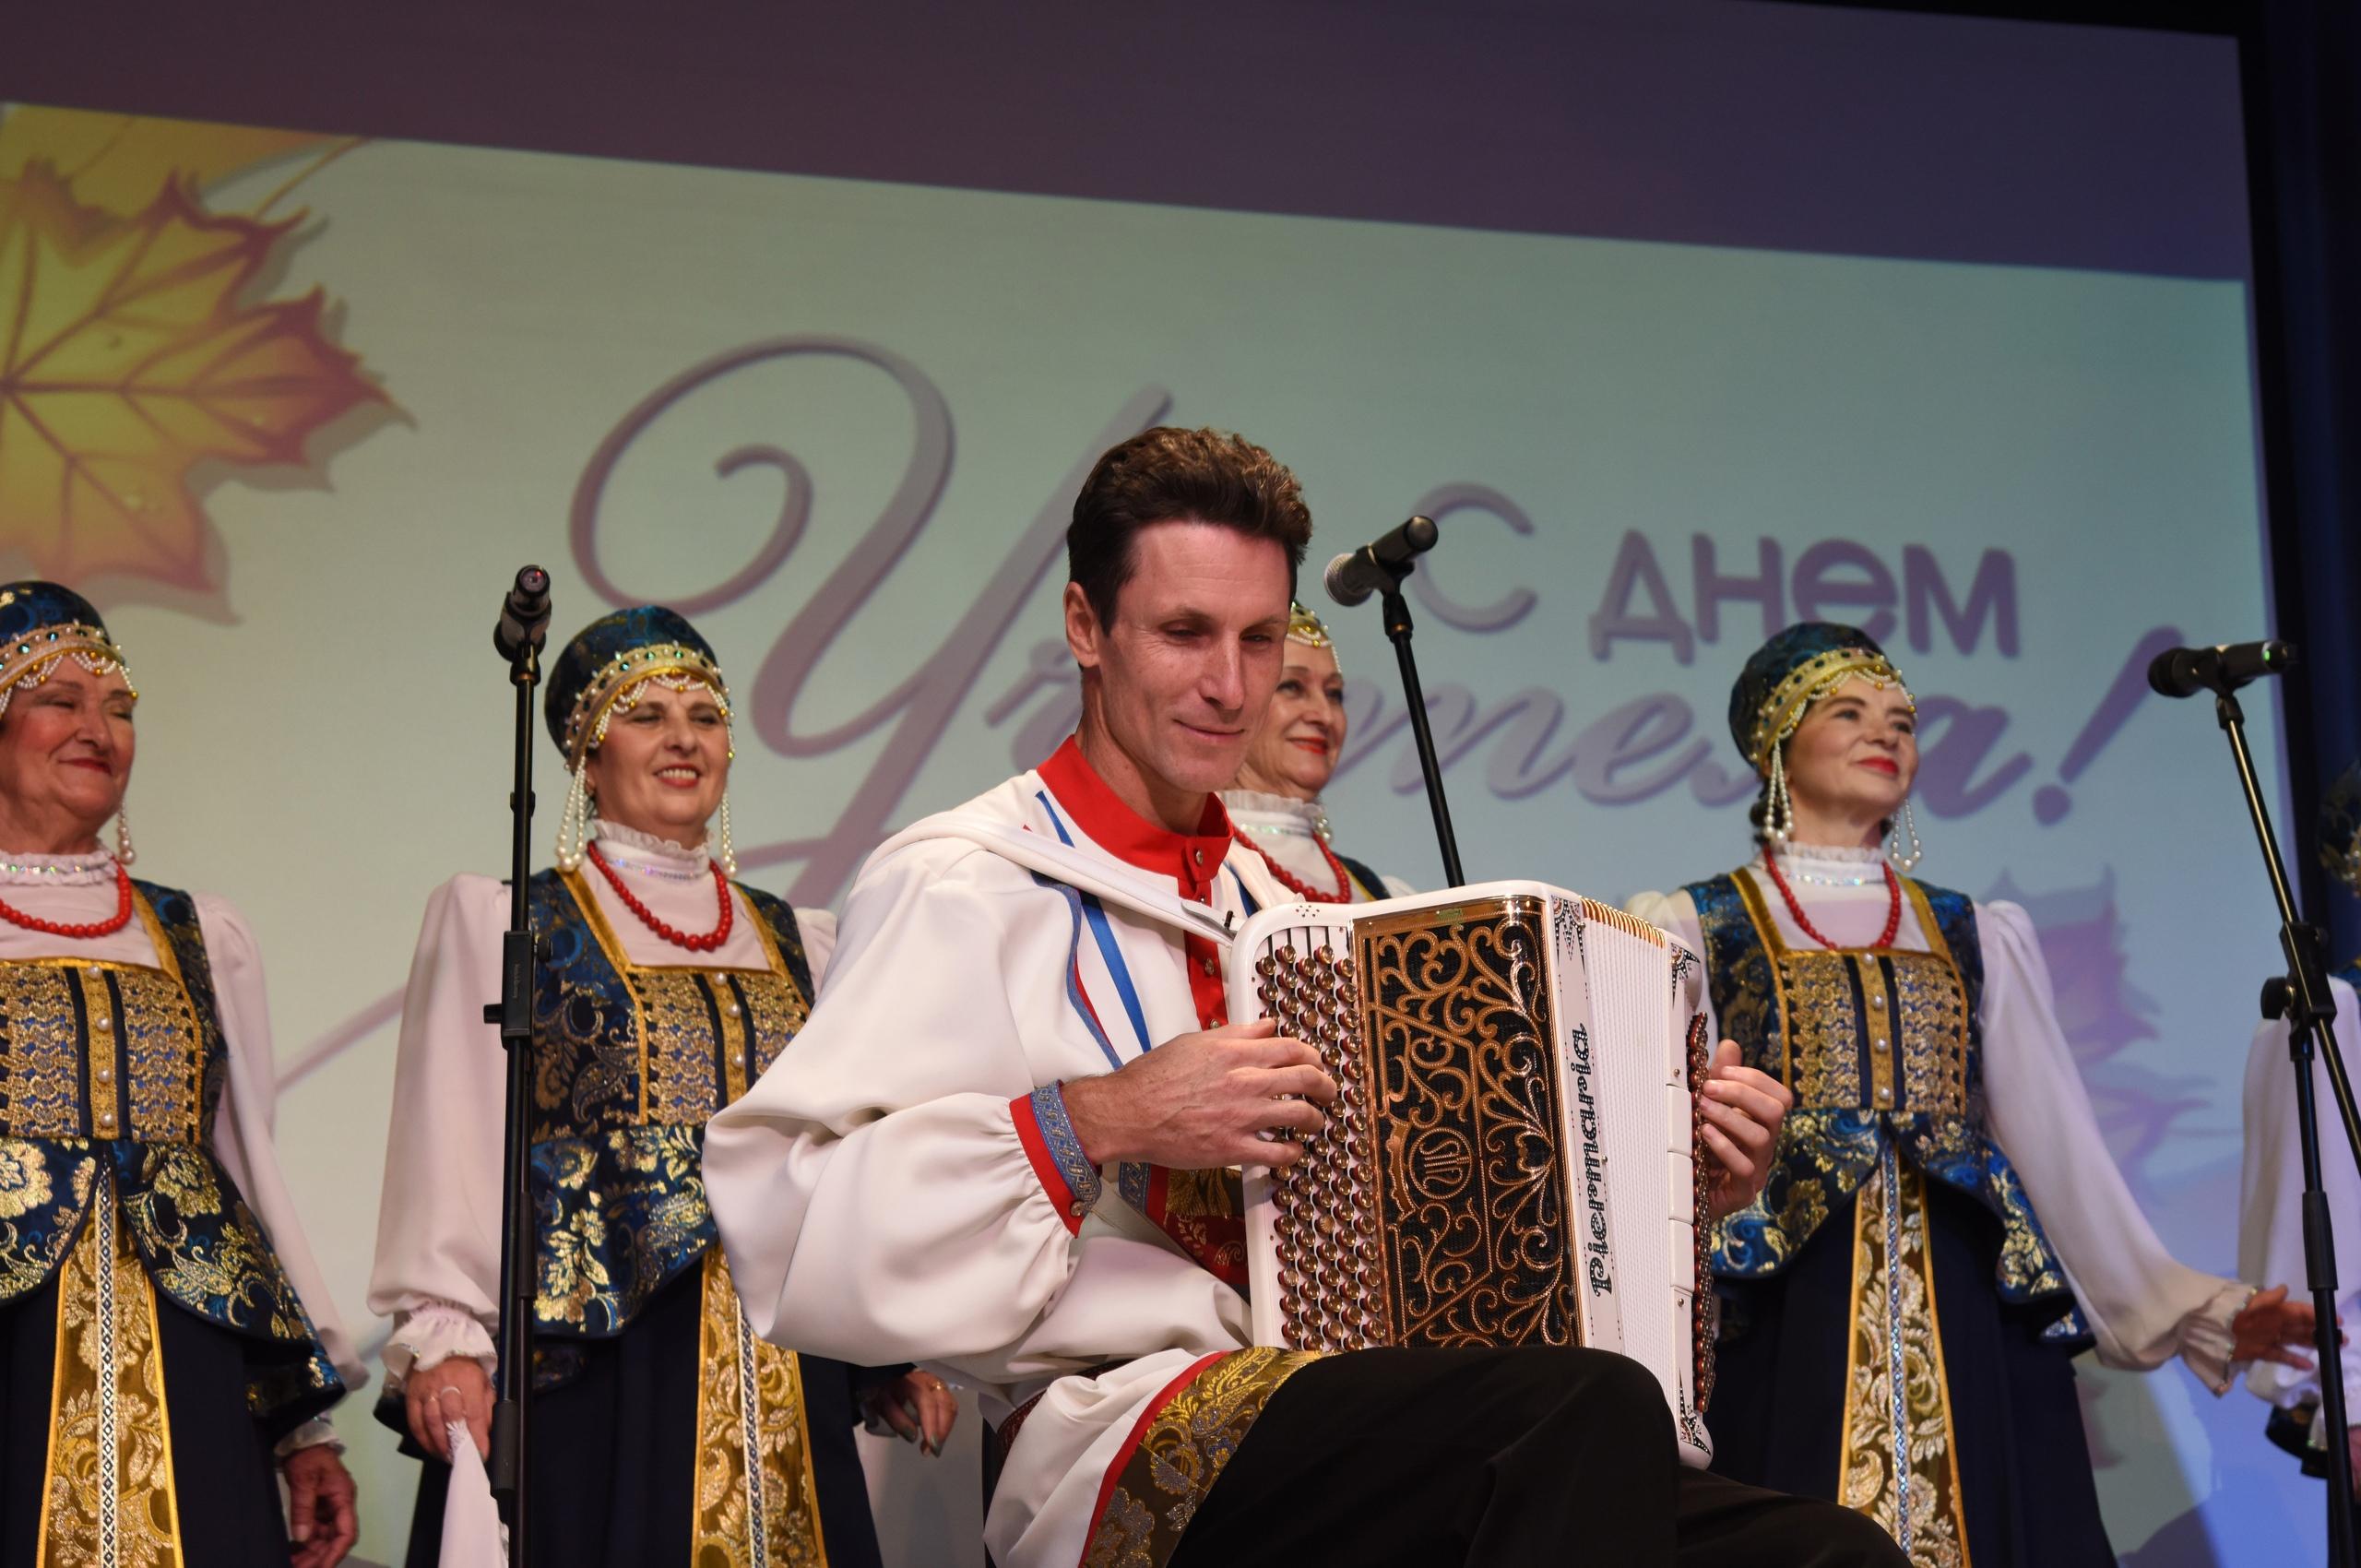 Коллективы Дома культуры «Звездный» Краснопахорского приняли участие в концерте ко Дню учителя